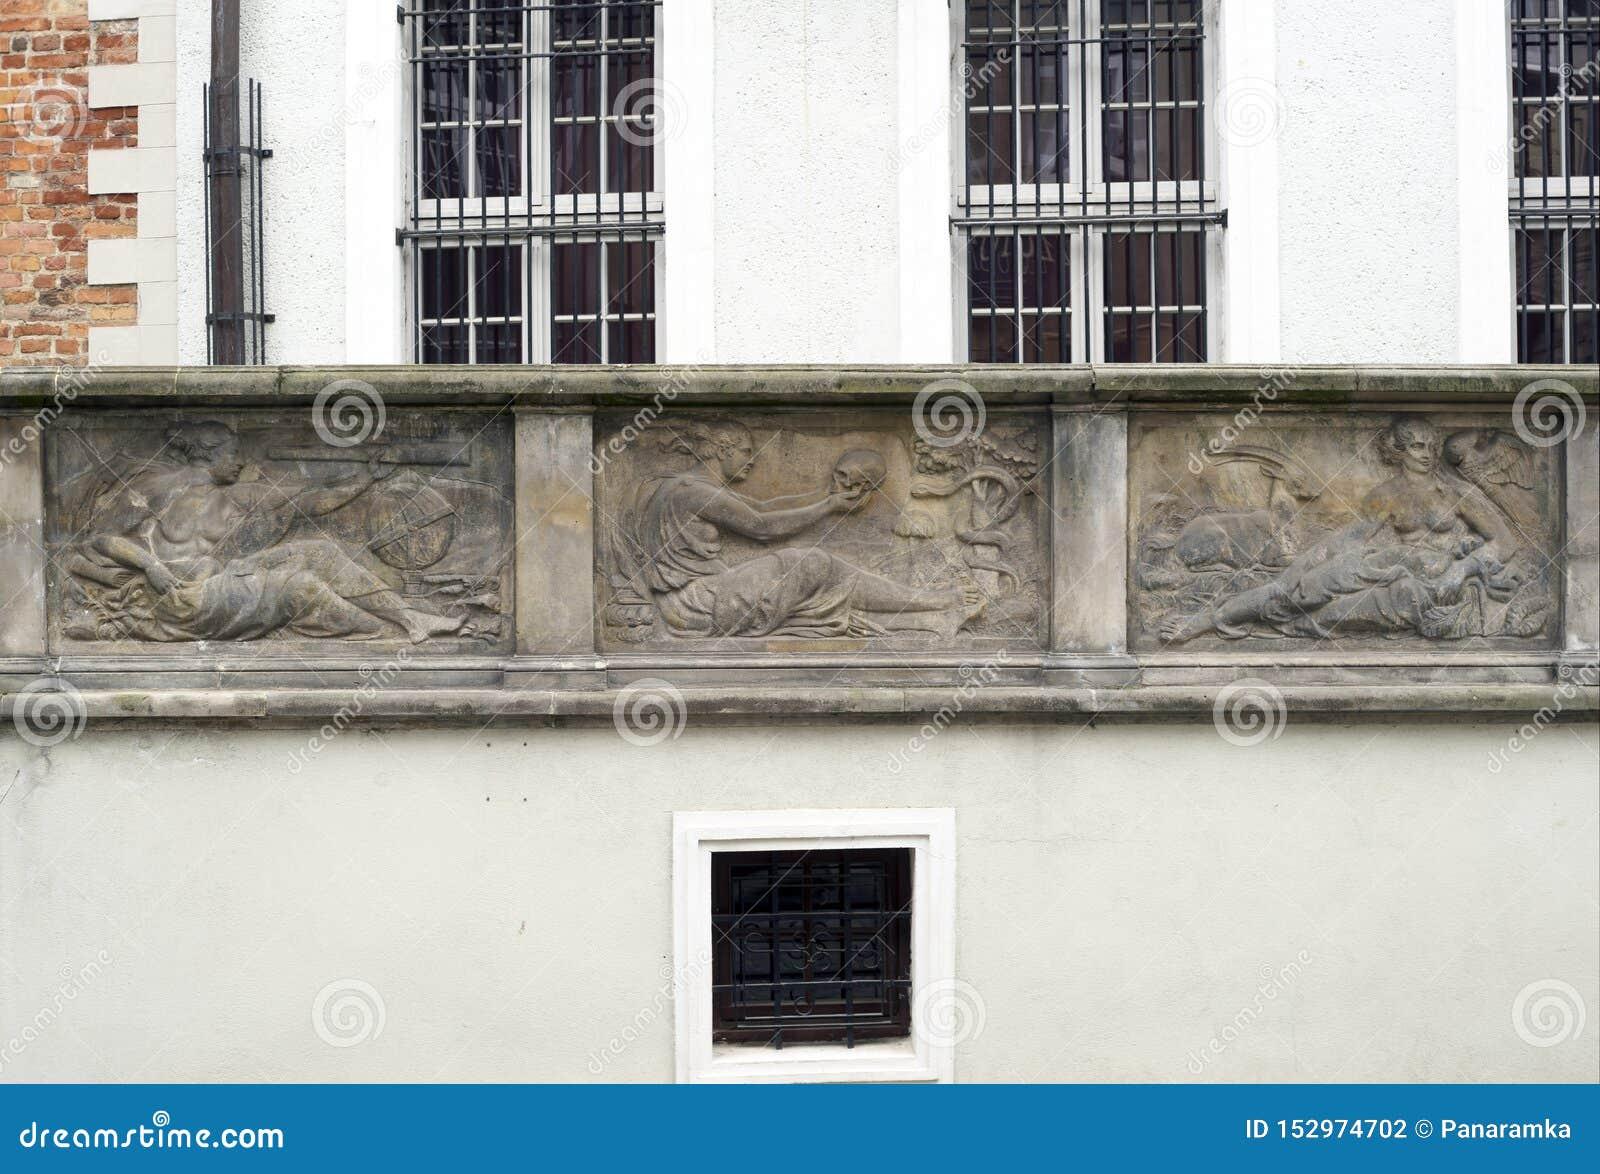 Stone bas-reliefs of Gdansk